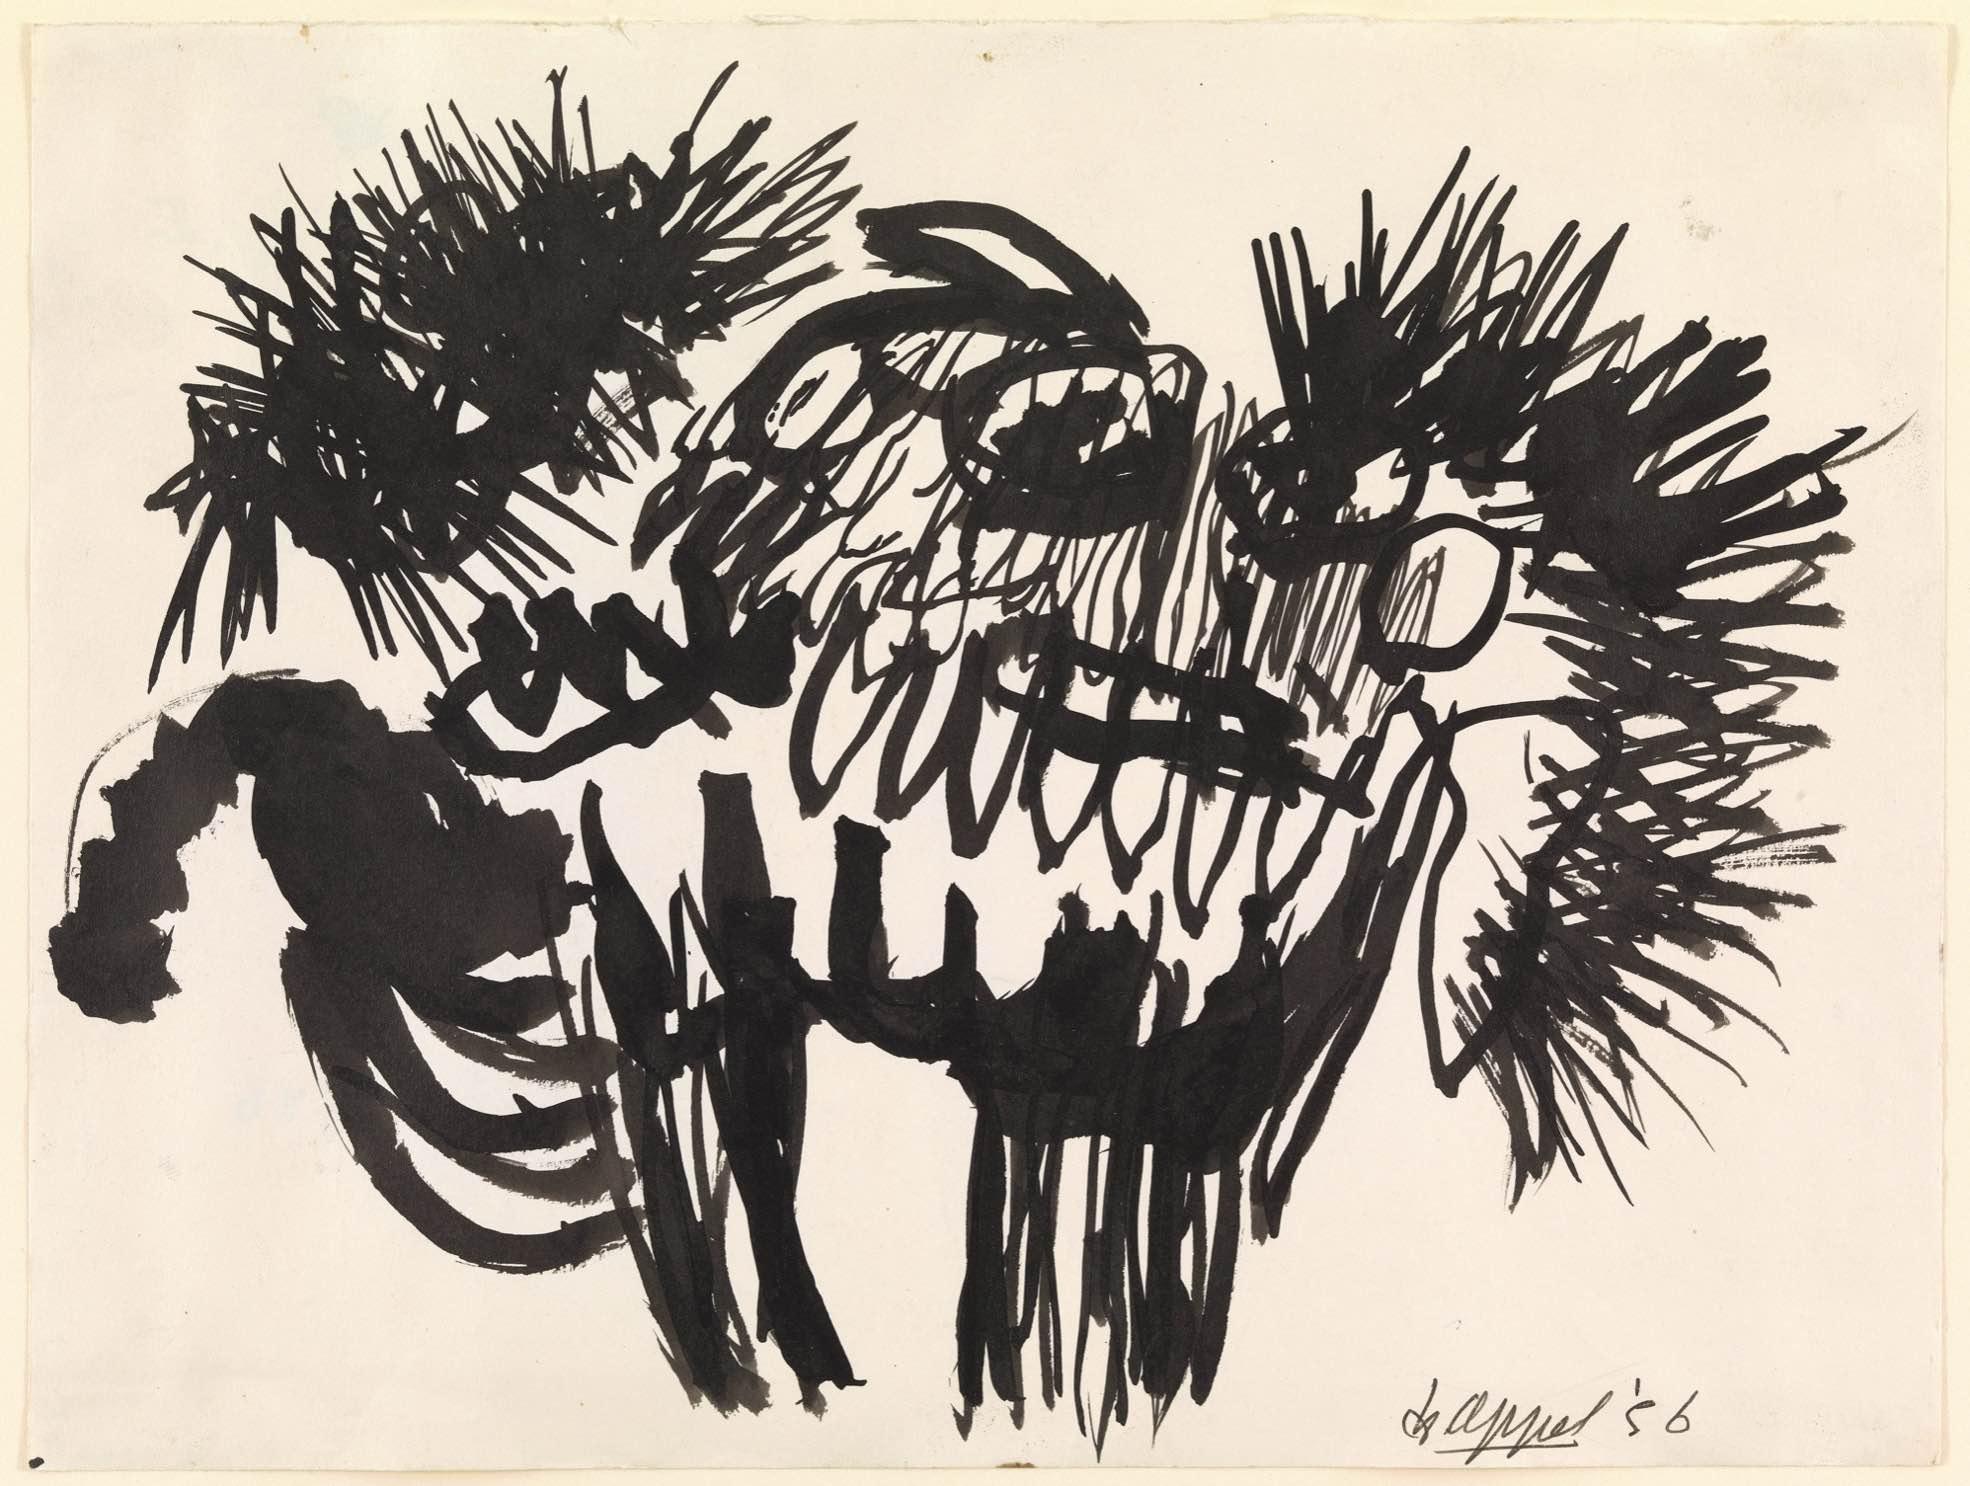 La potenza del disegno, da Pollock a Yayoi Kusama. Il video della mostra al MoMA